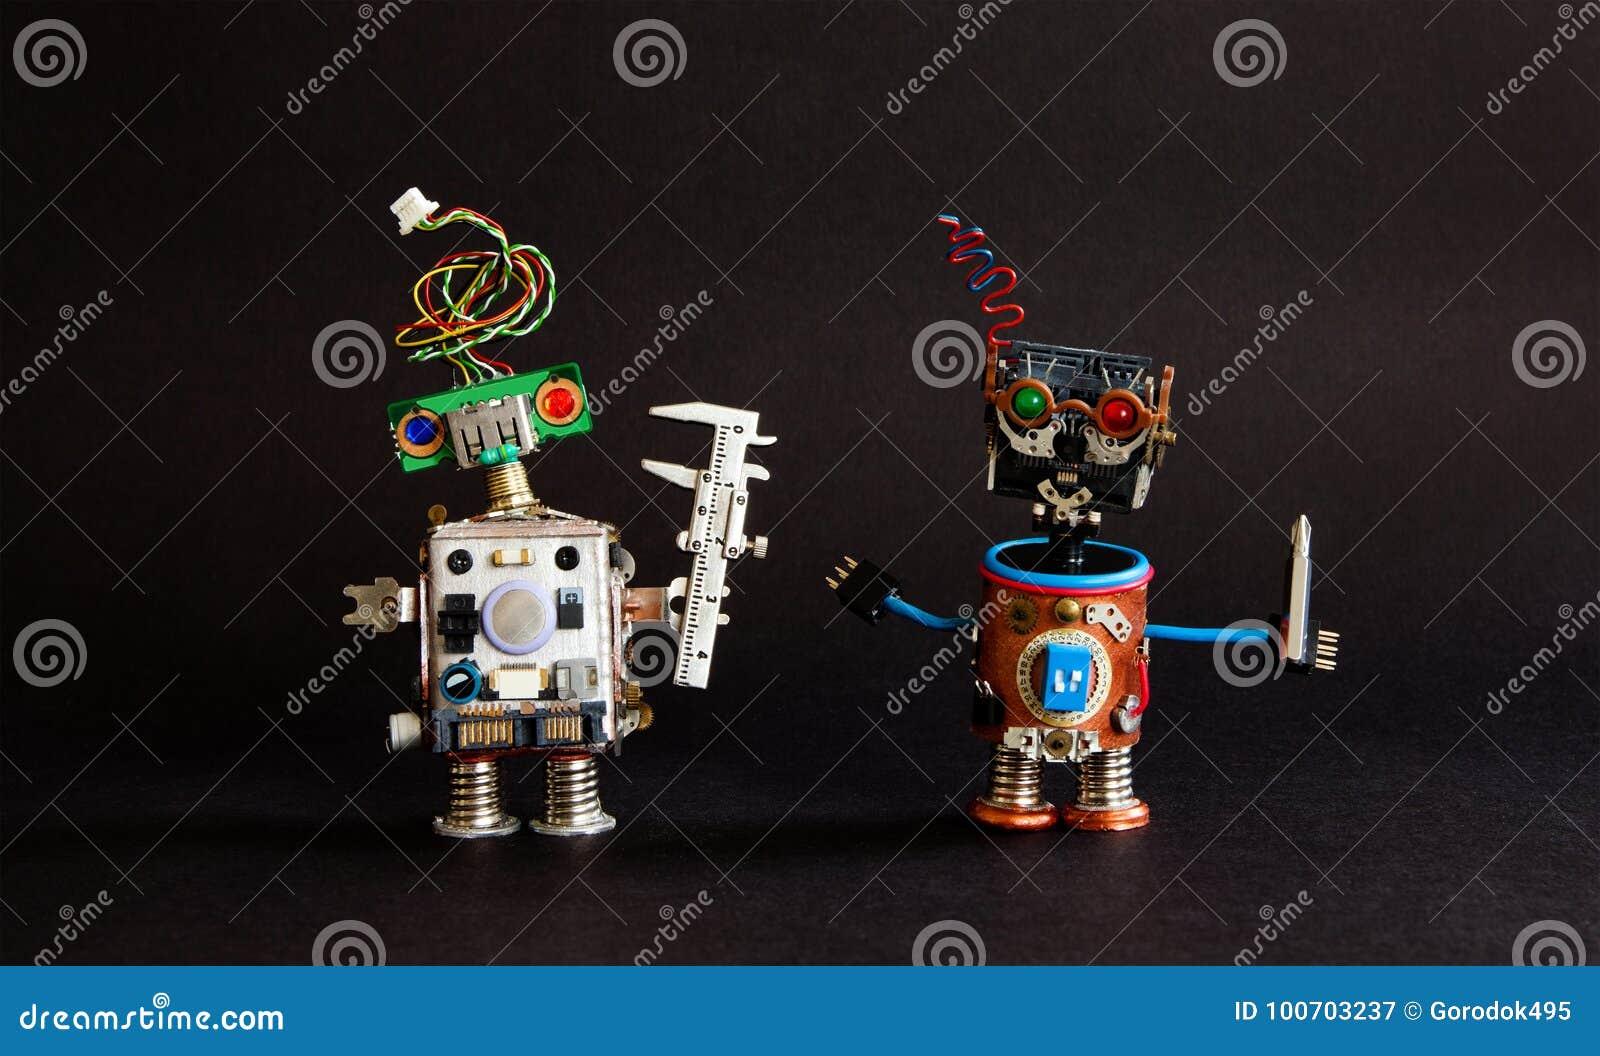 4行业 0个自动化技术概念 机器人工程师轮尺,靠机械装置维持生命的人杂物工螺丝刀 创造性的设计